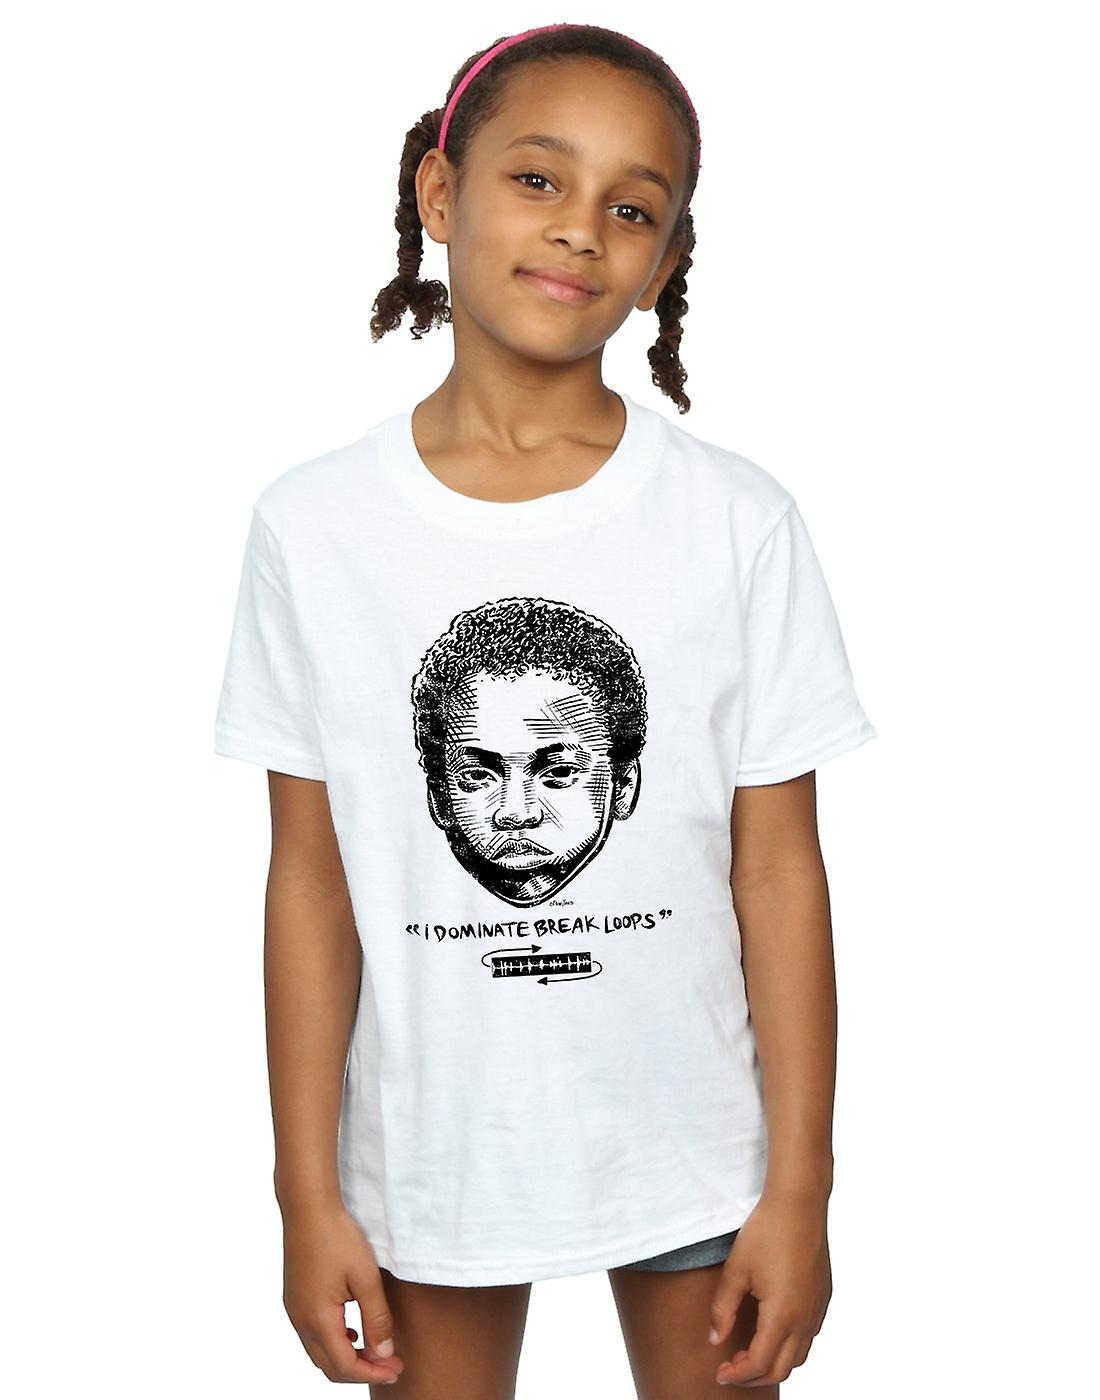 Pennytees Girls Break Loops T-Shirt